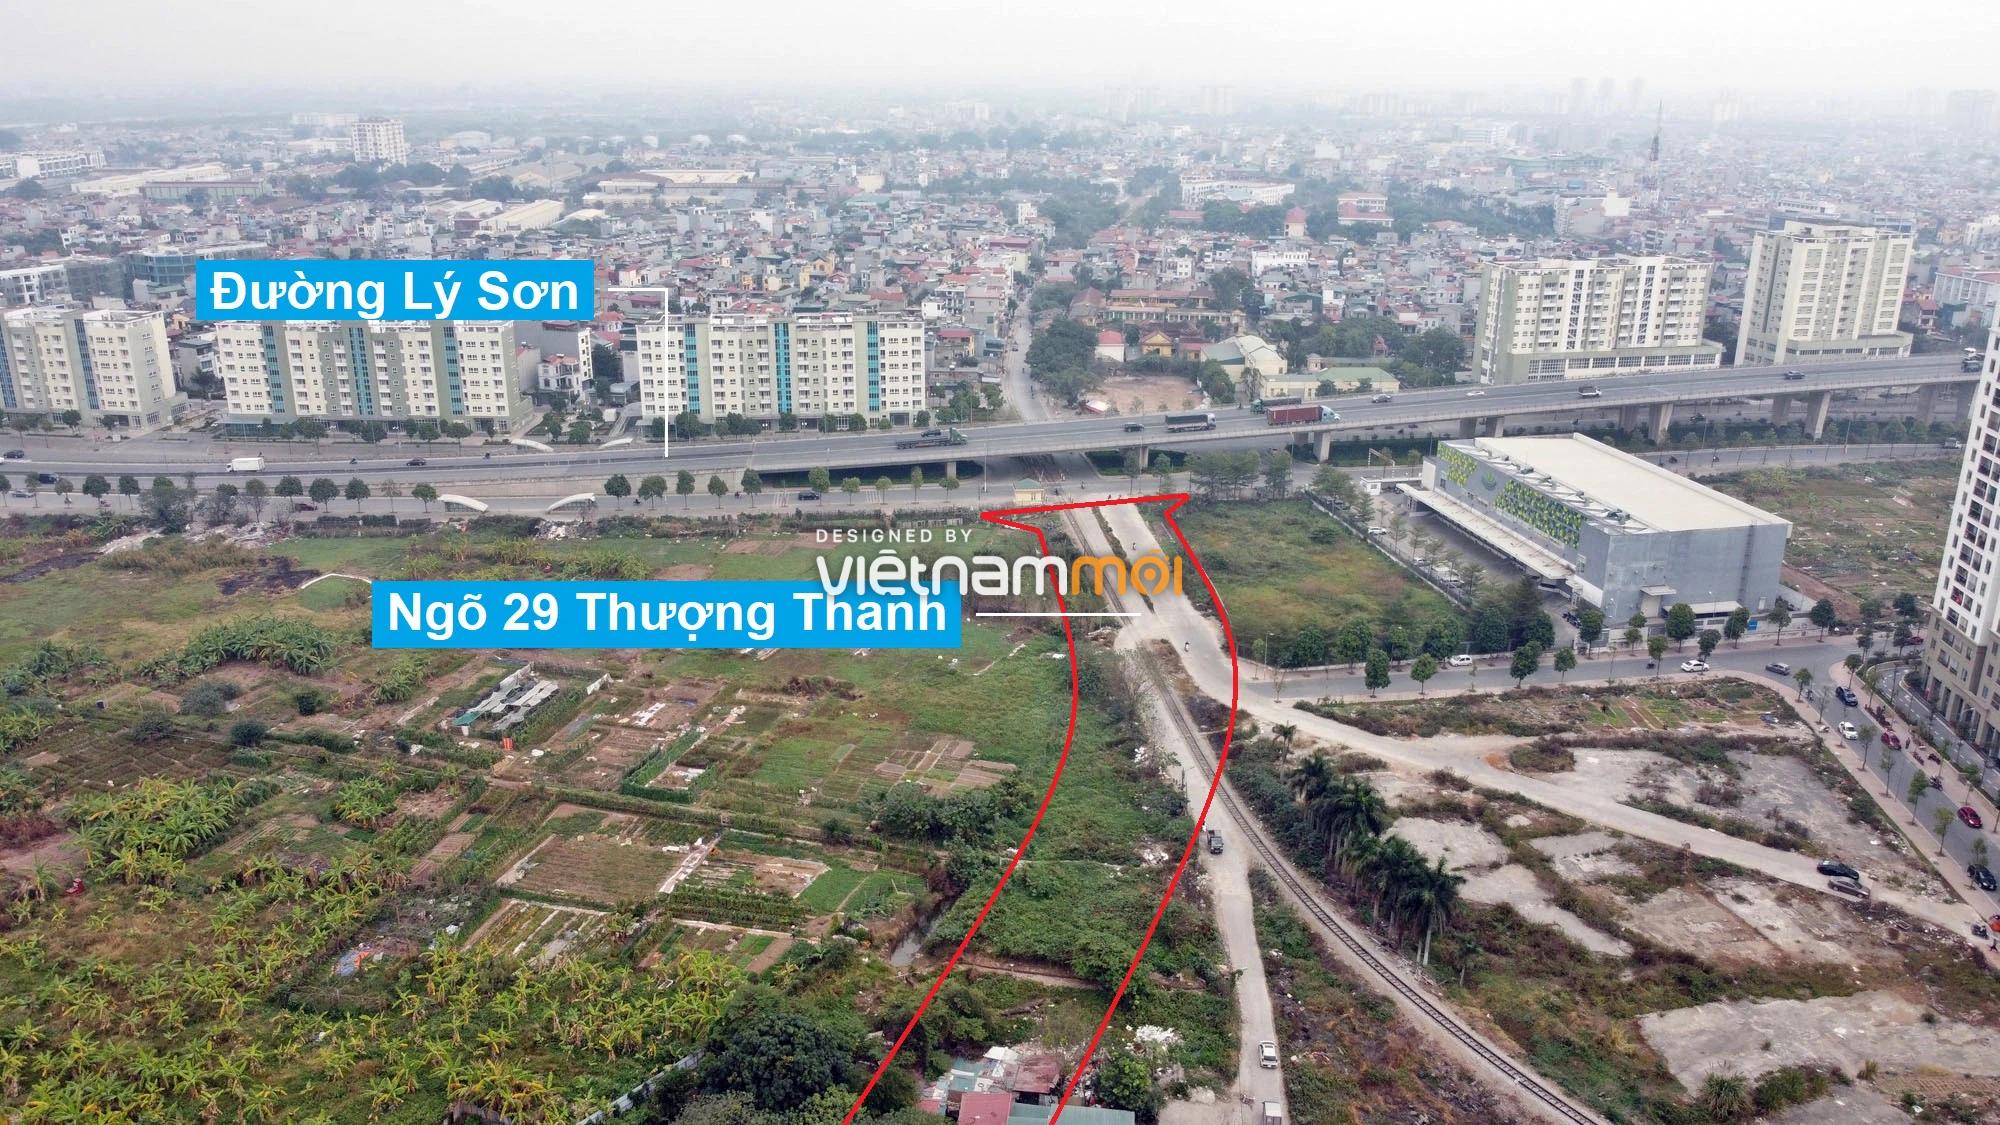 Những khu đất sắp thu hồi để mở đường ở phường Thượng Thanh, Long Biên, Hà Nội (phần 2) - Ảnh 3.